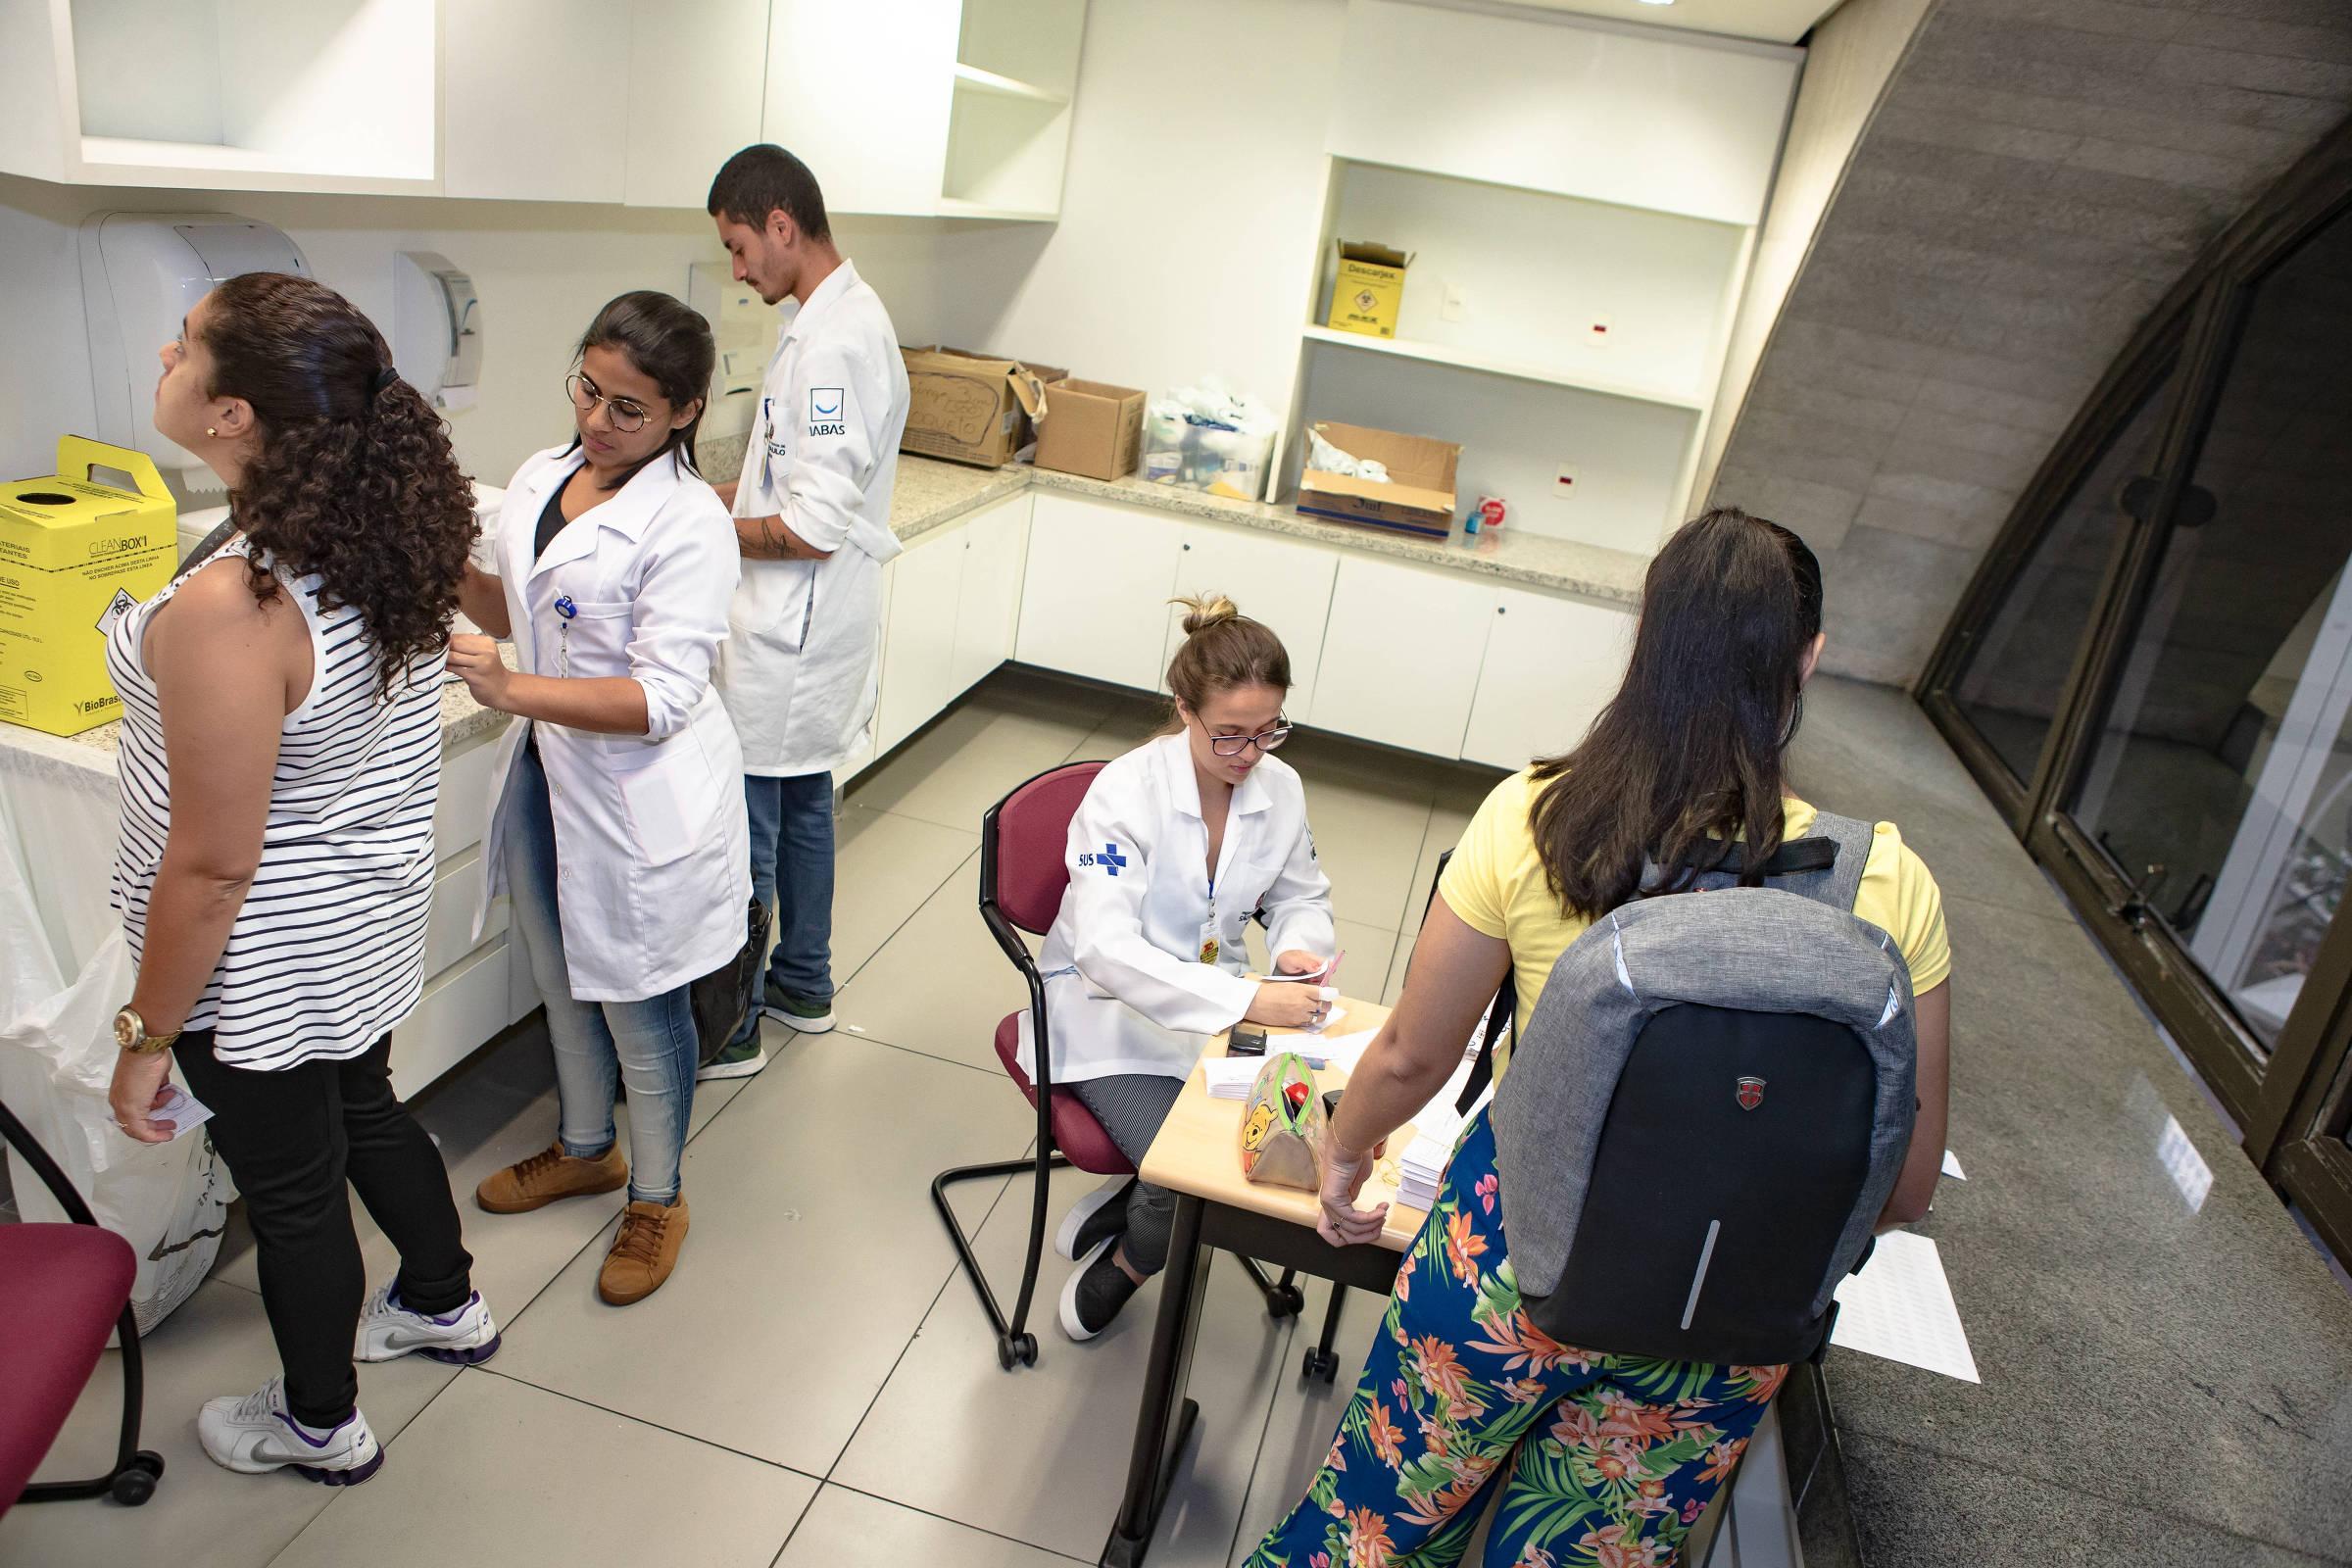 Jovens entre 20 e 29 anos devem se vacinar contra sarampo a partir desta segunda